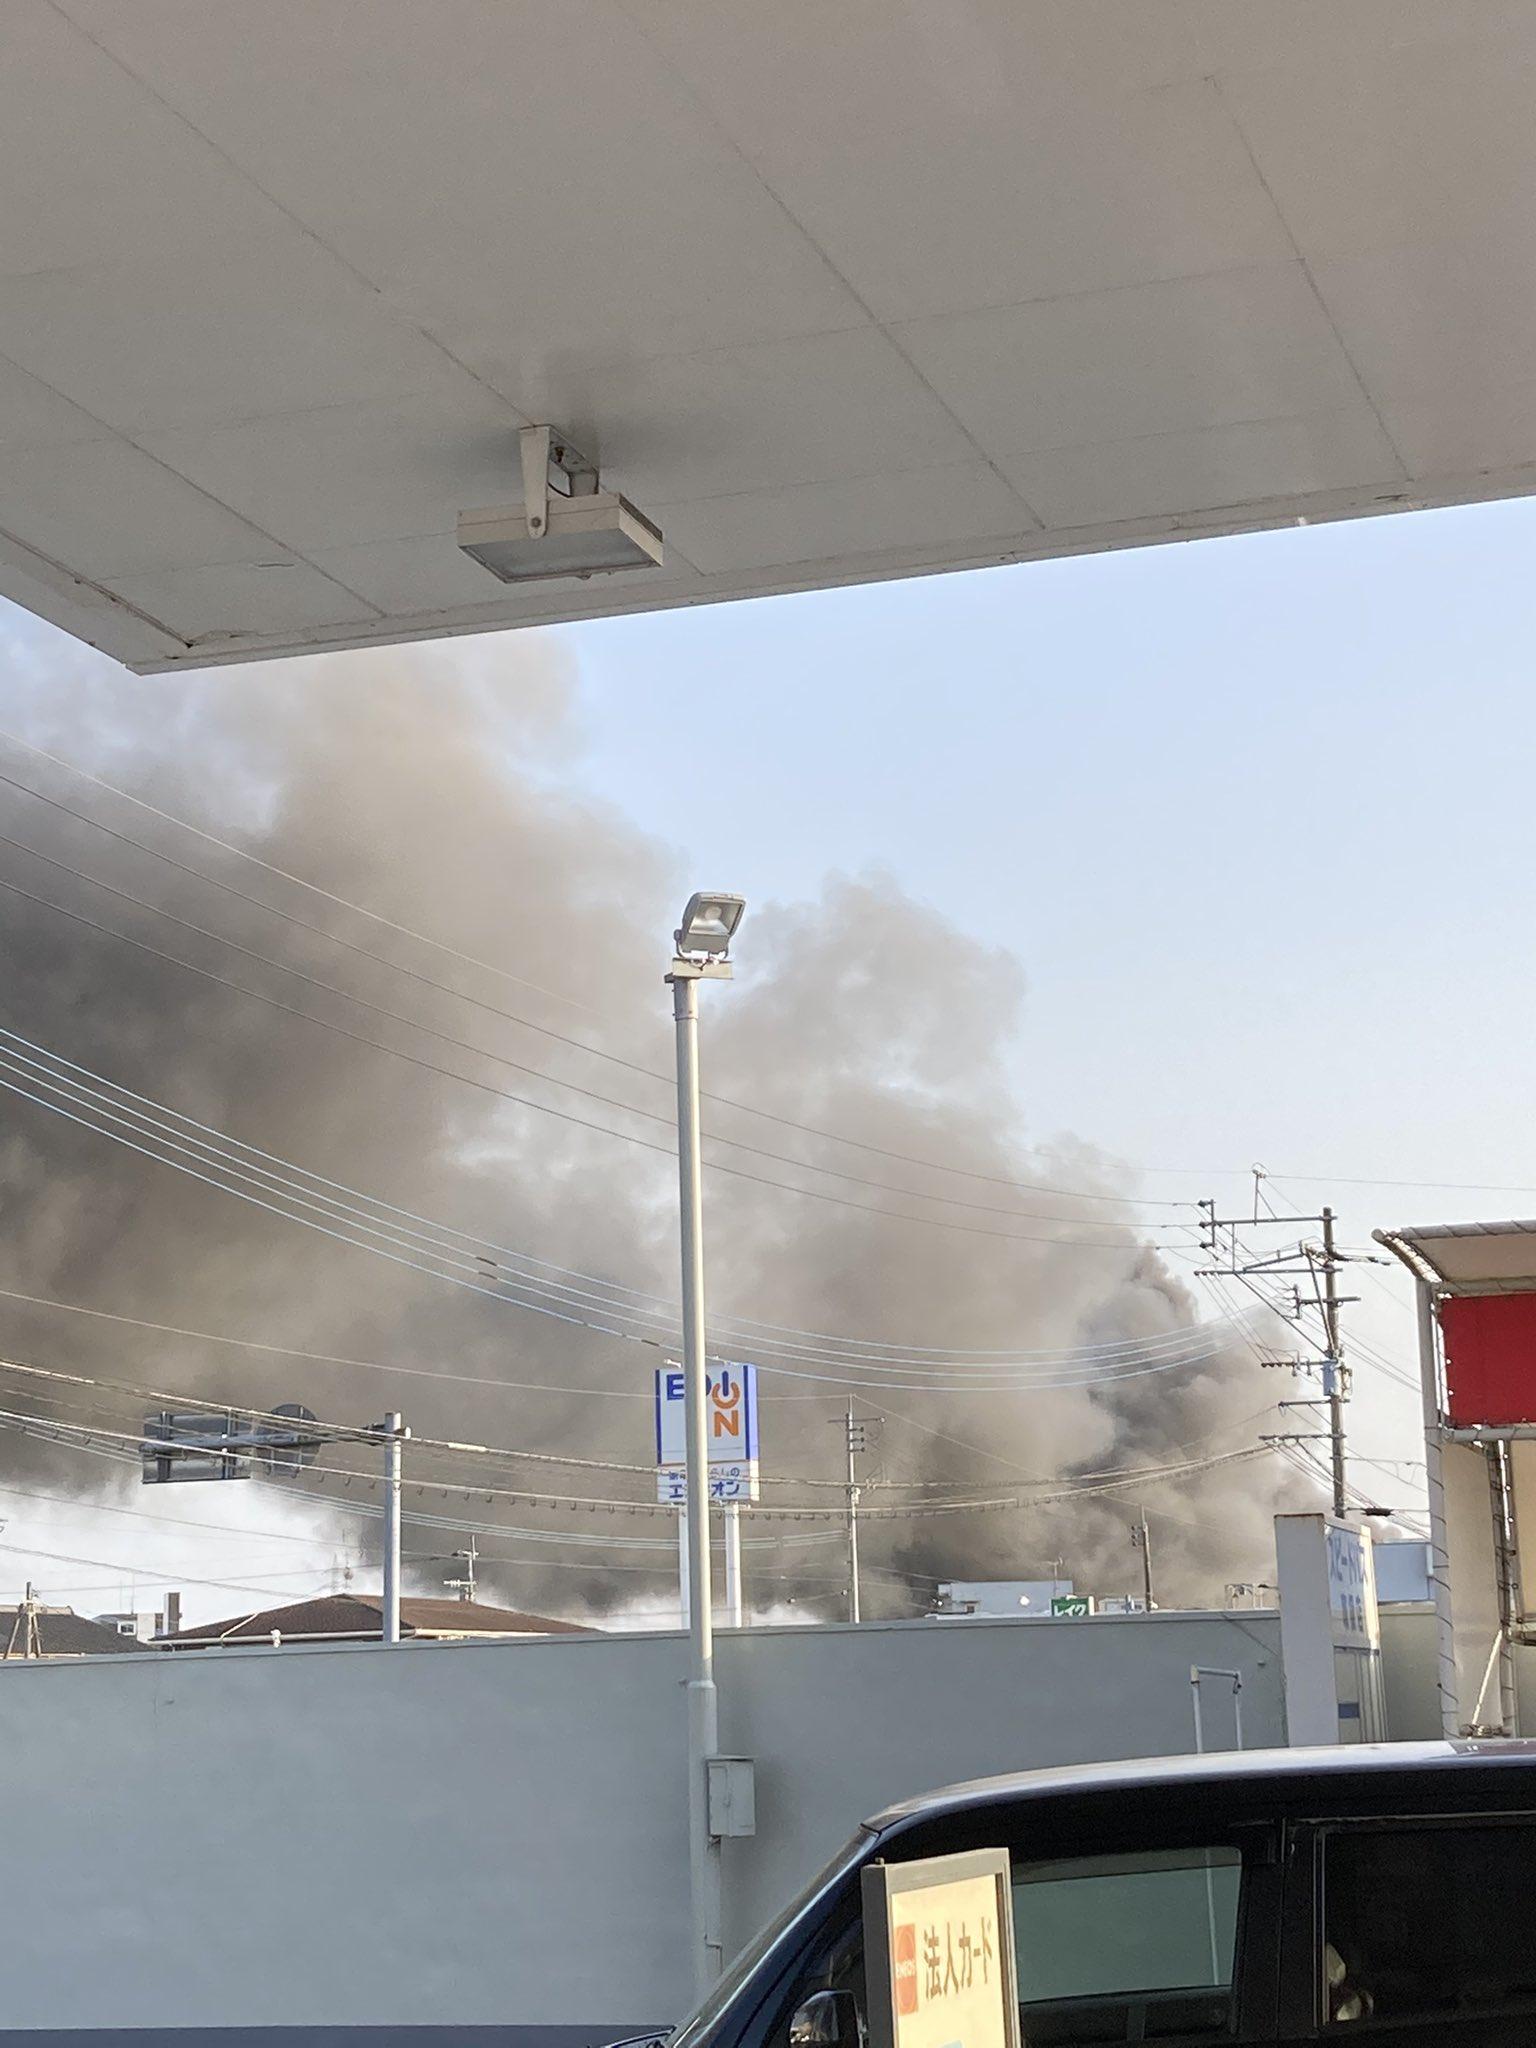 都城市で大きな火事が起きている現場の画像